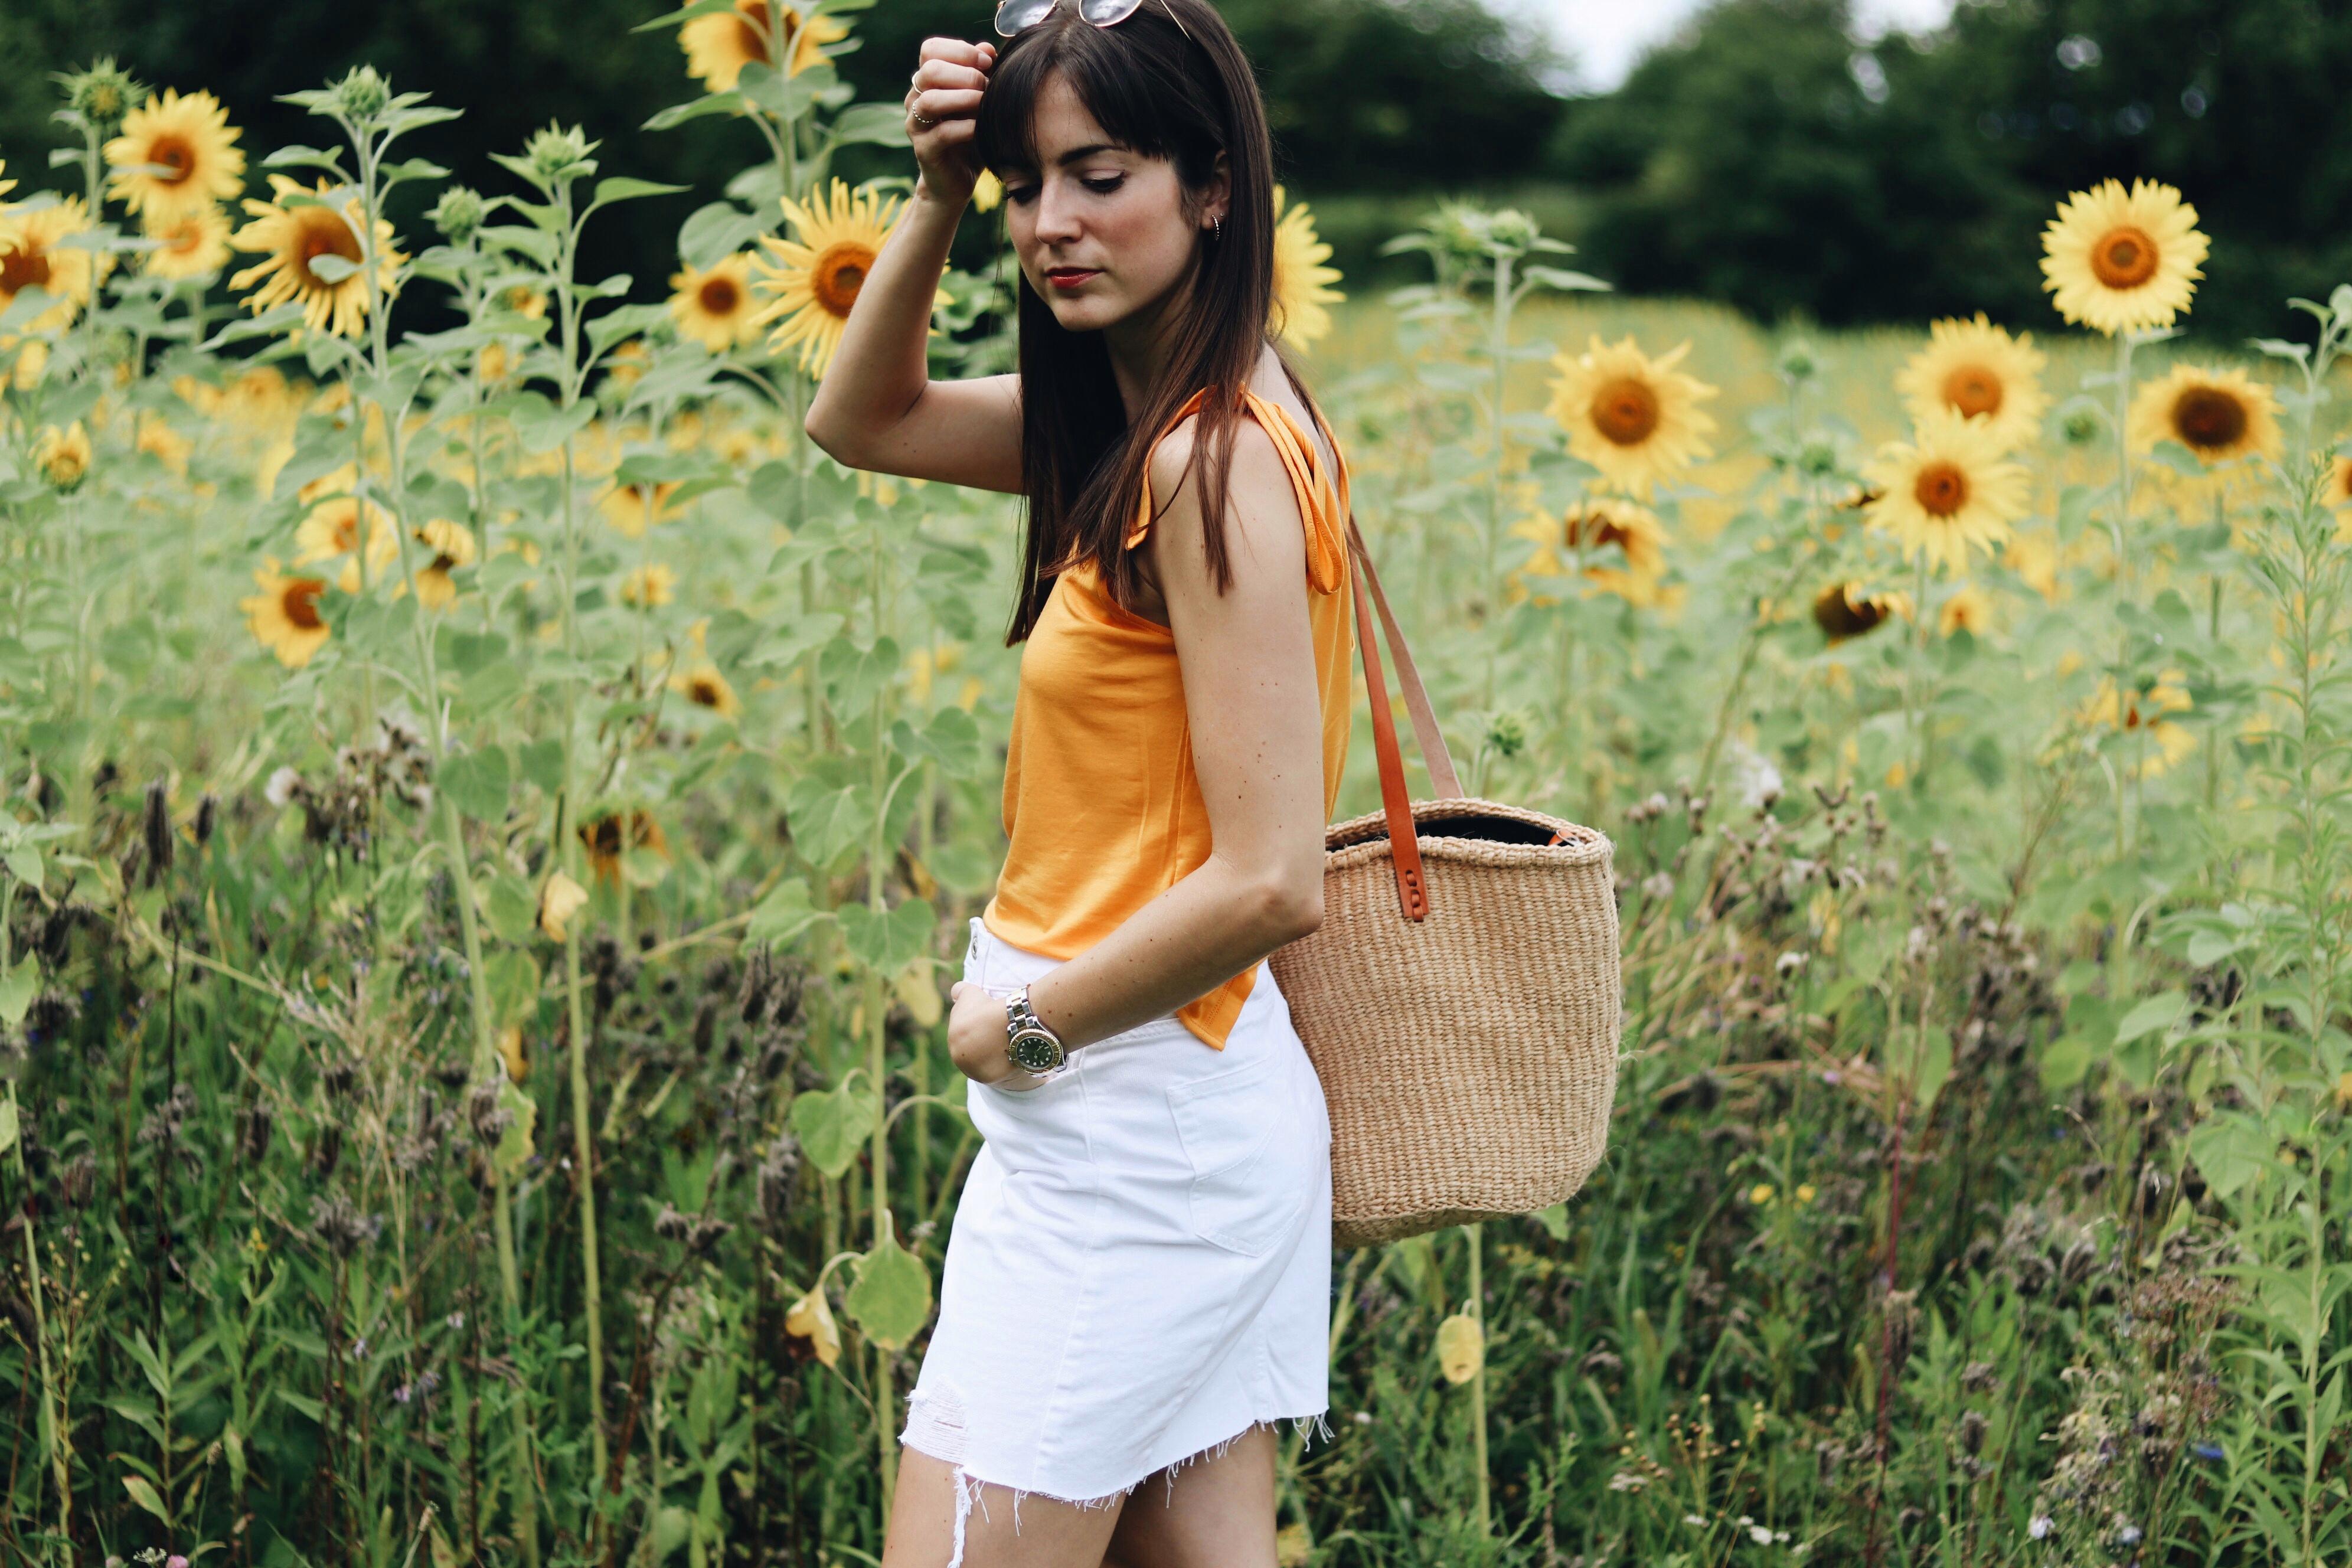 modeblog-Gelb-Sommertrends-Modetrends-Modefavoriten-Korbtasche-Strohtasche-Birkin-Korb-Sandalen-Minirock-Sisaltasche